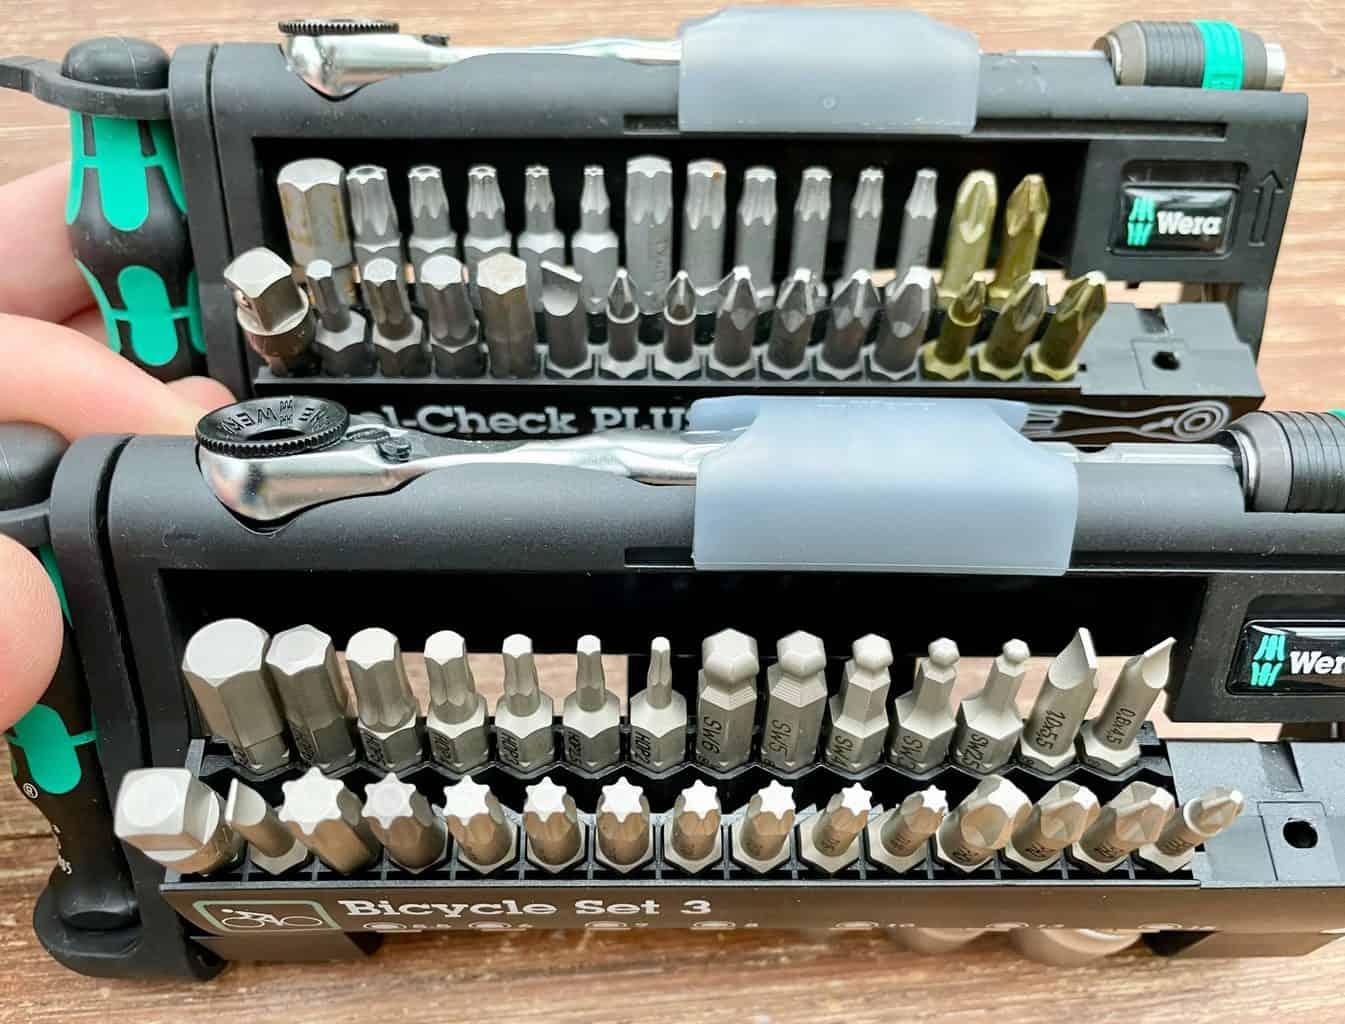 Wera-Bicycle-Set-3-und-Wera-Tool-Check-PLUS-geöffnet